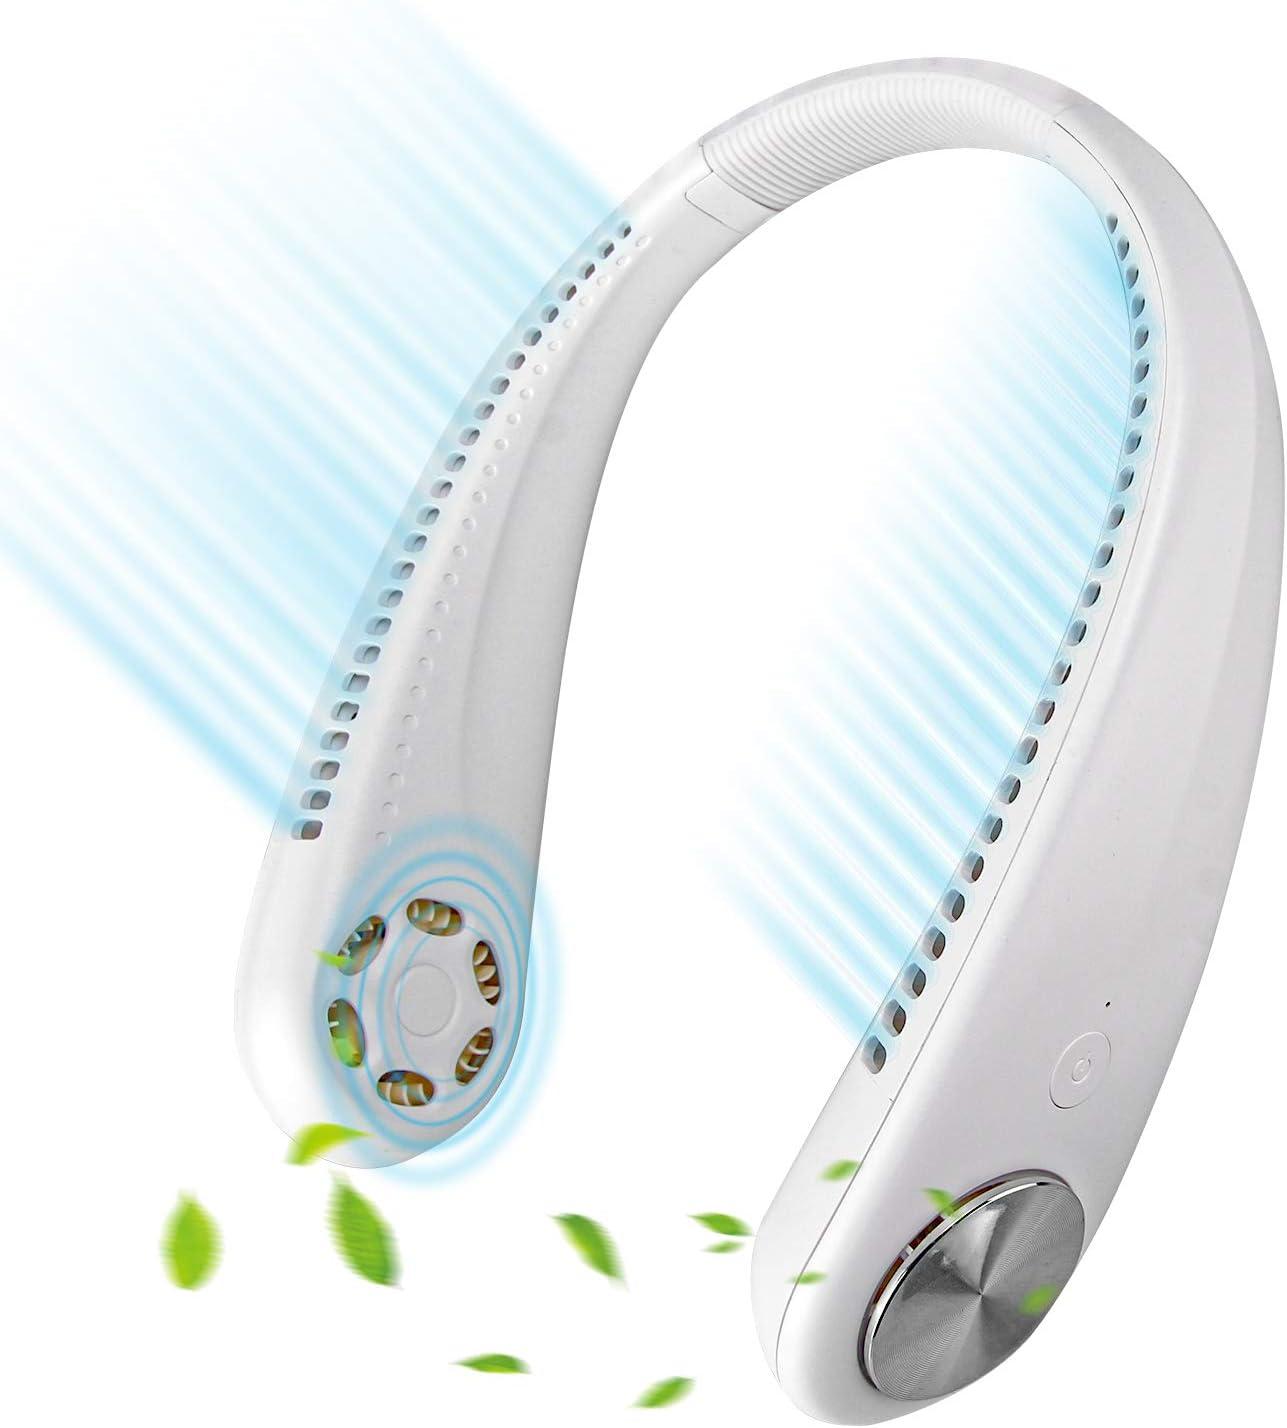 Leipple Neck Fan Portable - Bladeless Handsfree Sport Fan Wearable USB Fan - Rechargeable Neckband Personal Fan for Travel,Office, with Leafless,Headphone Design (White)